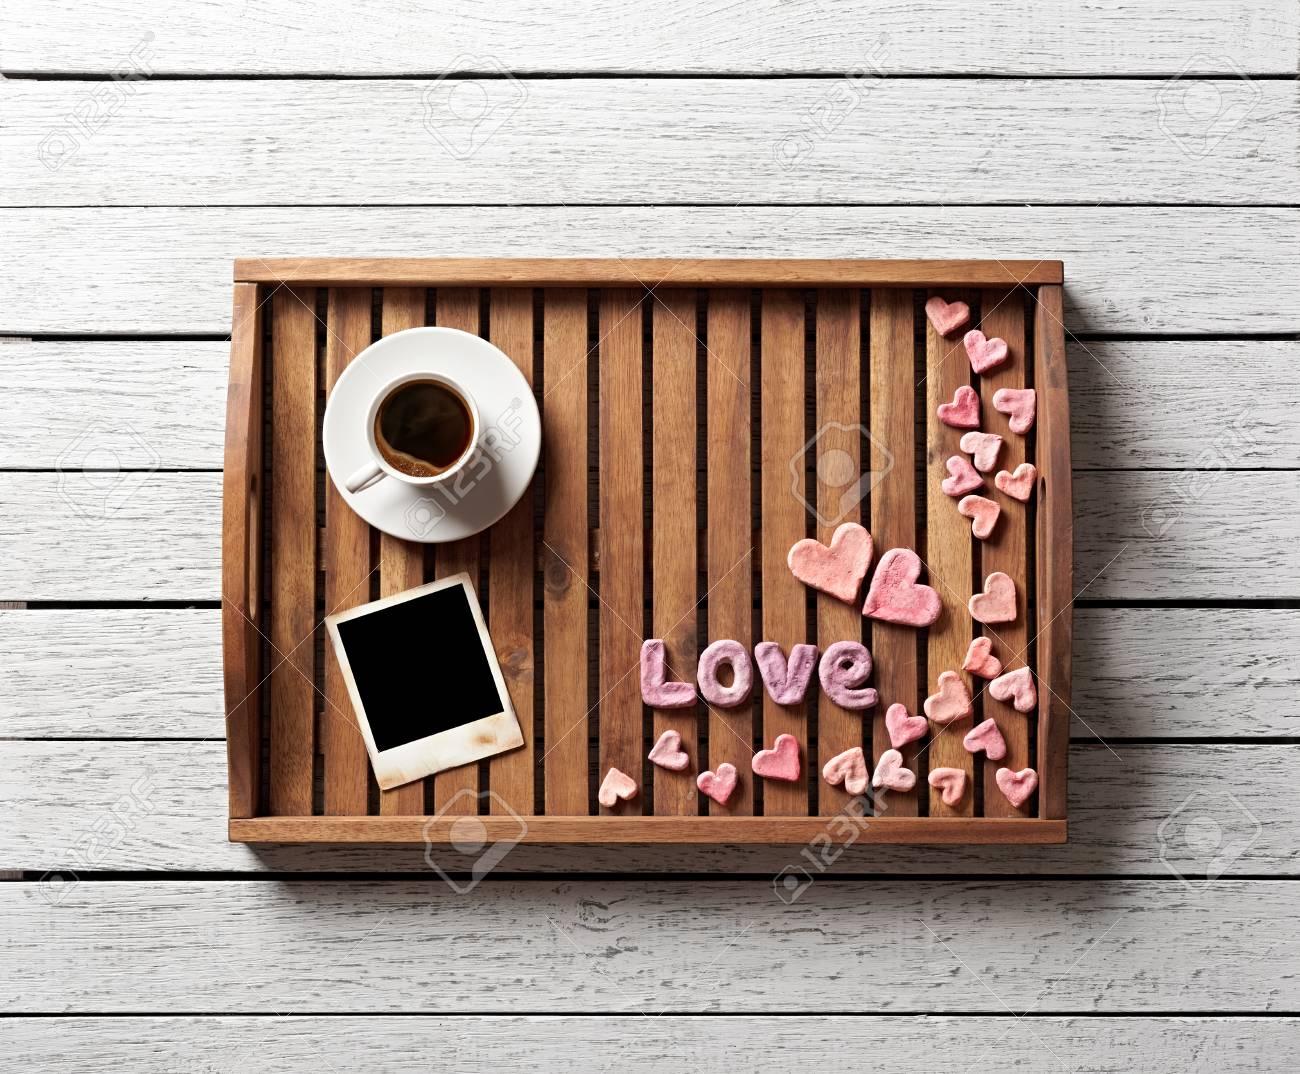 Nette Valentinstag Elemente Auf Präsentierteller: Kleine Herzen ...